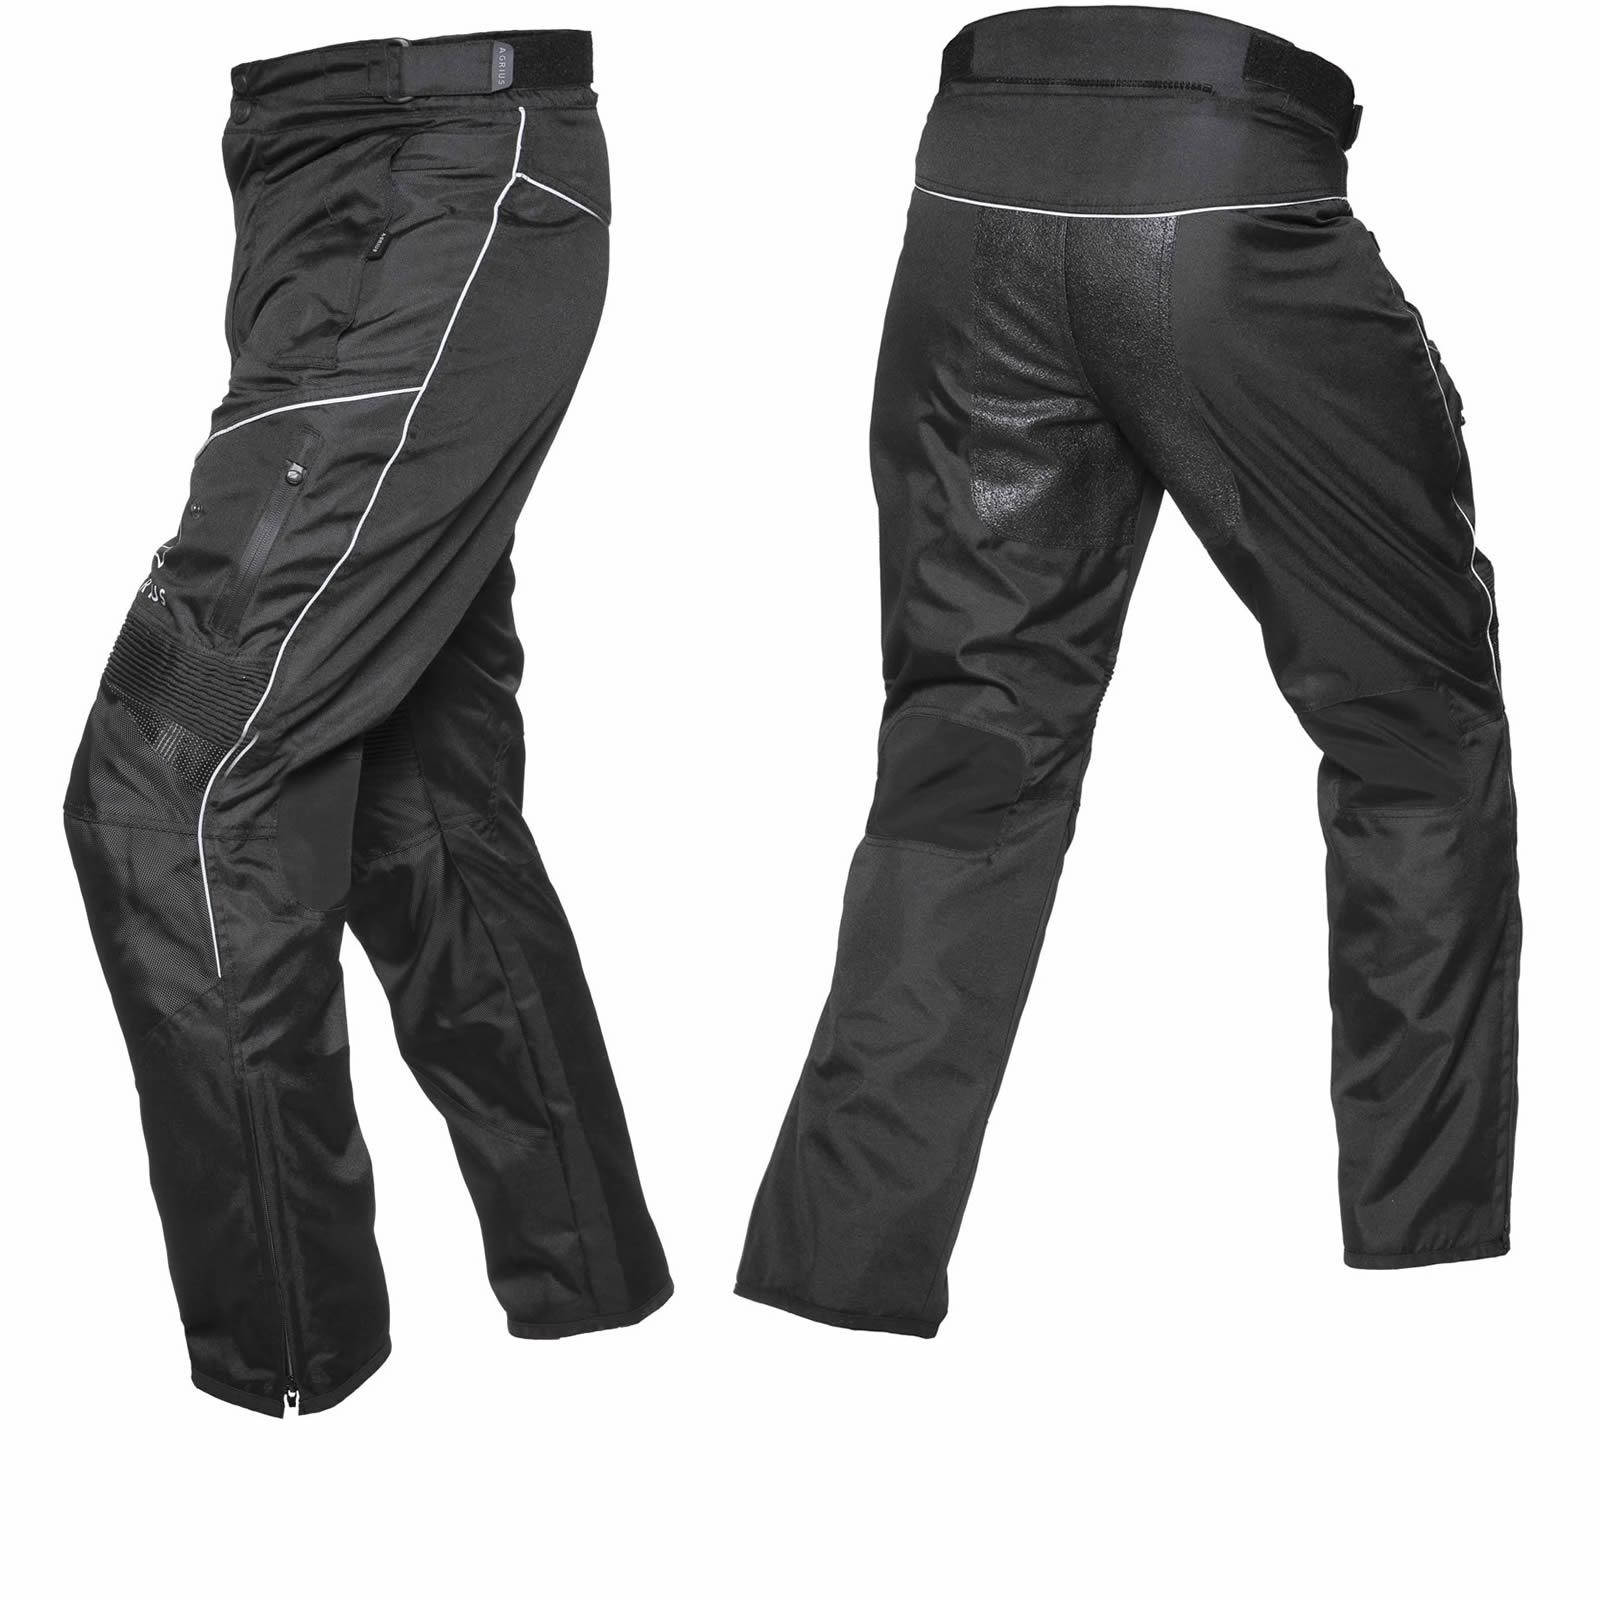 Agrius Hydra Motorradhose für Männer Wasserdicht Sportlich Wetterfest Männerhose